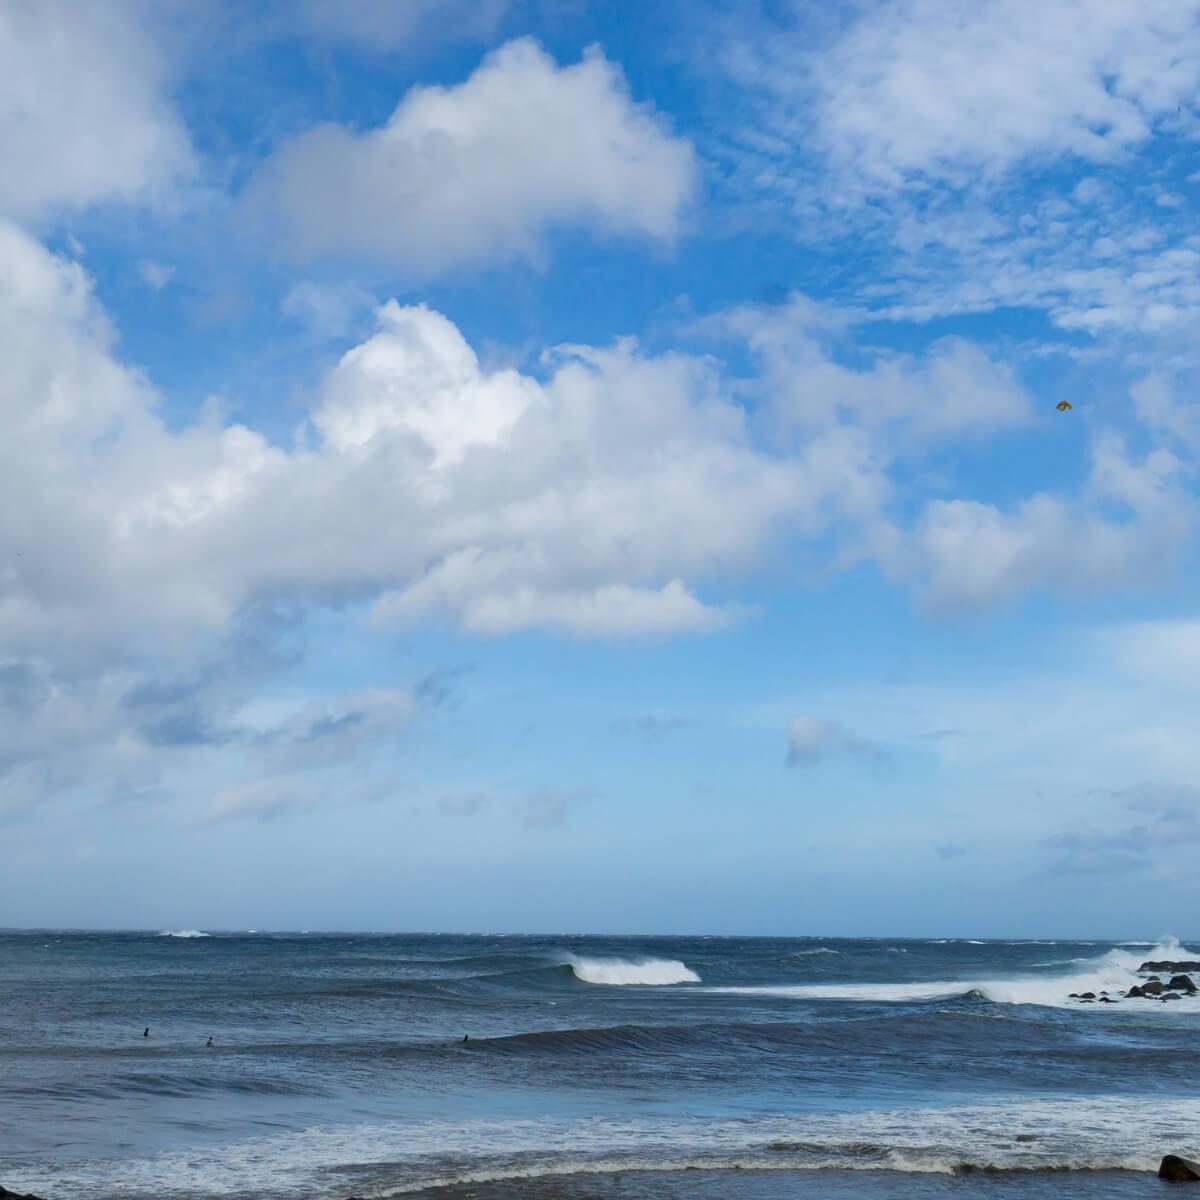 屋久島の空、海 屋久島海とジュエリー オーダーメイドジュエリーのモチーフ